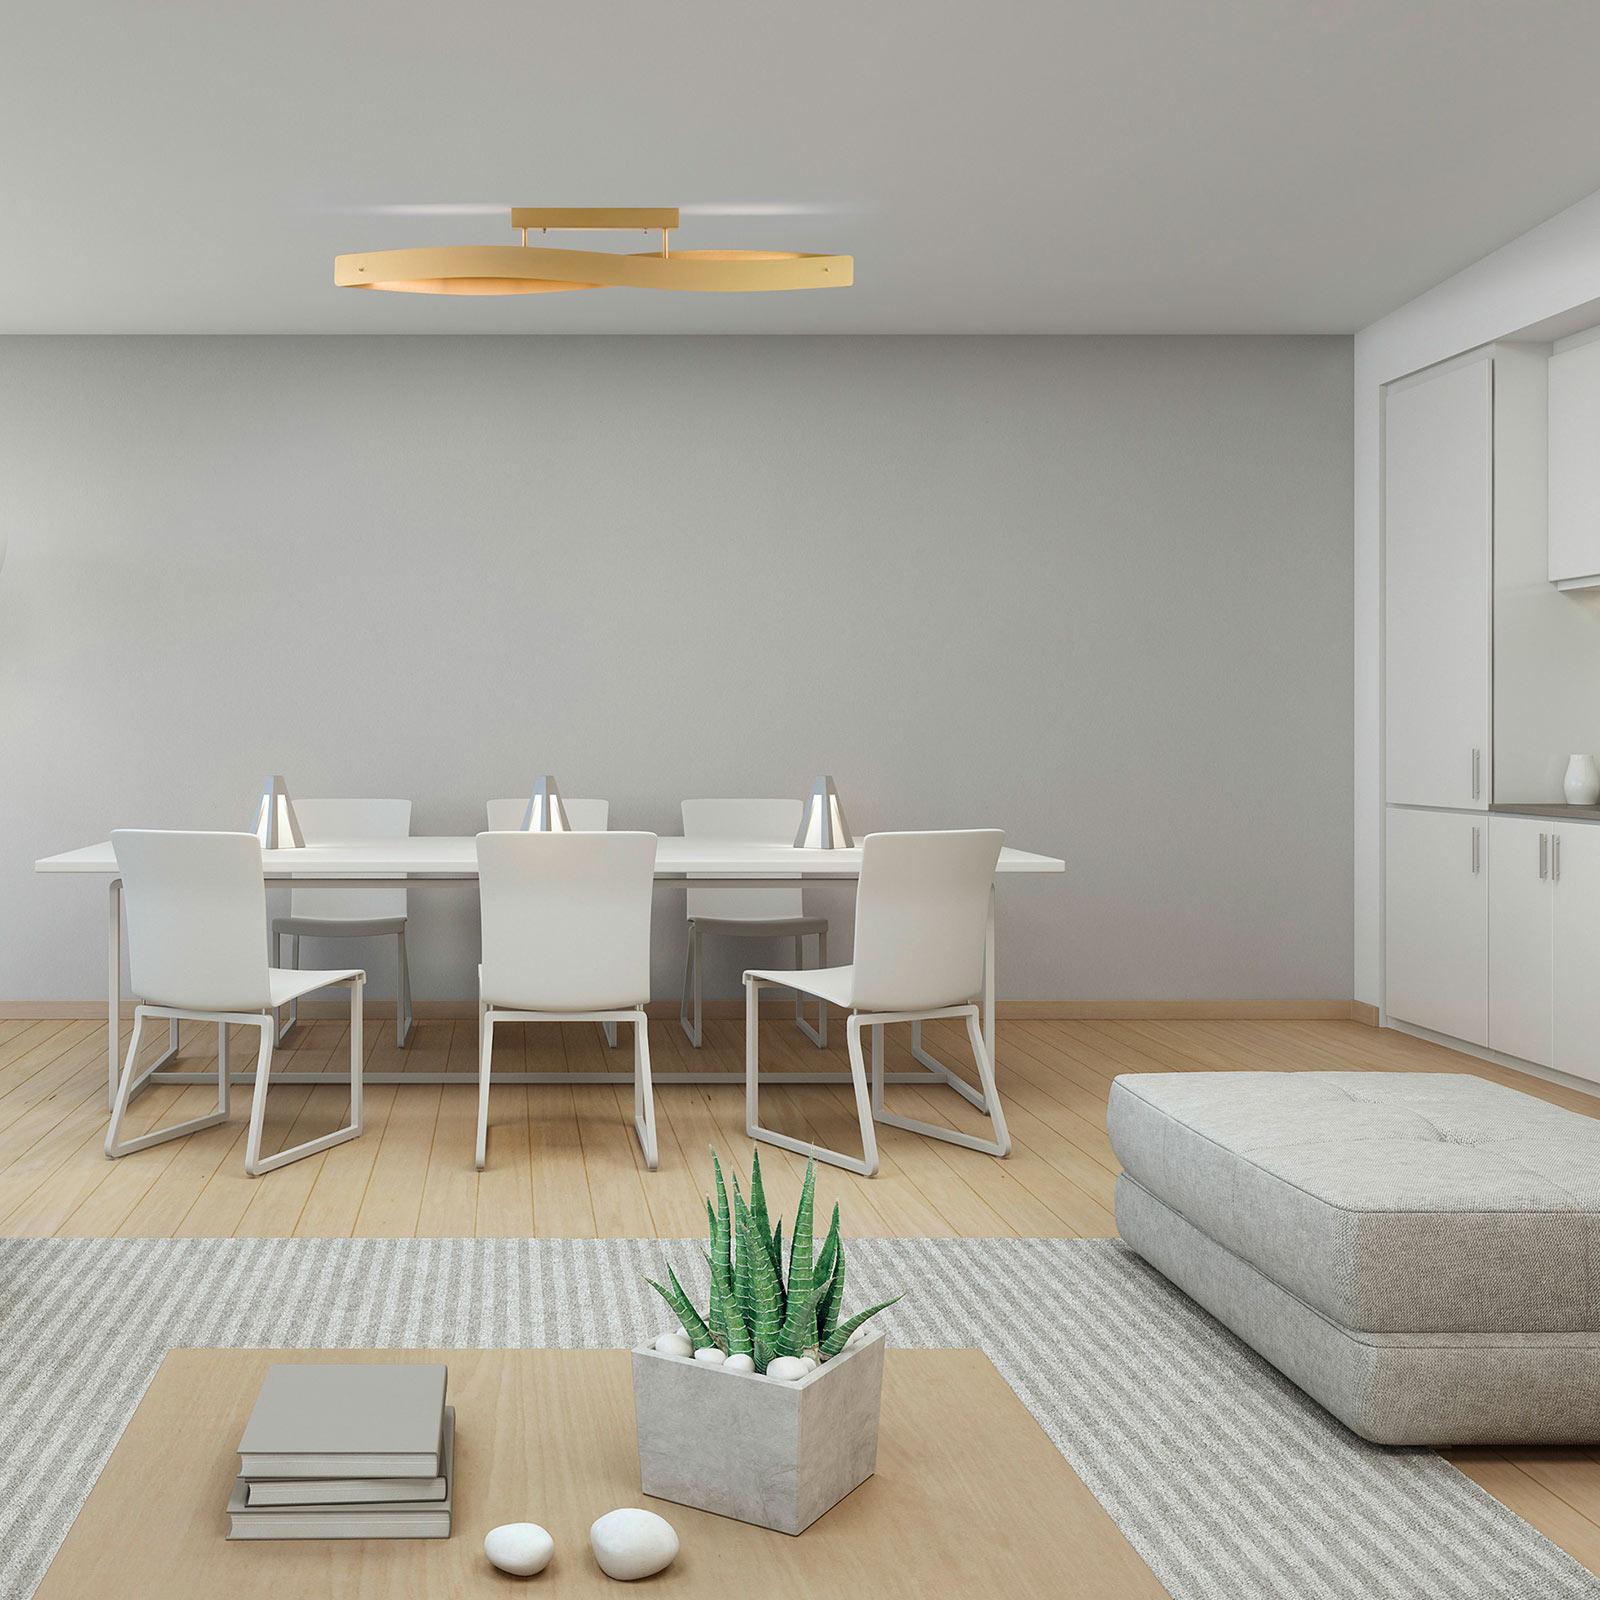 Lucande Lian LED-Deckenlampe, messing matt